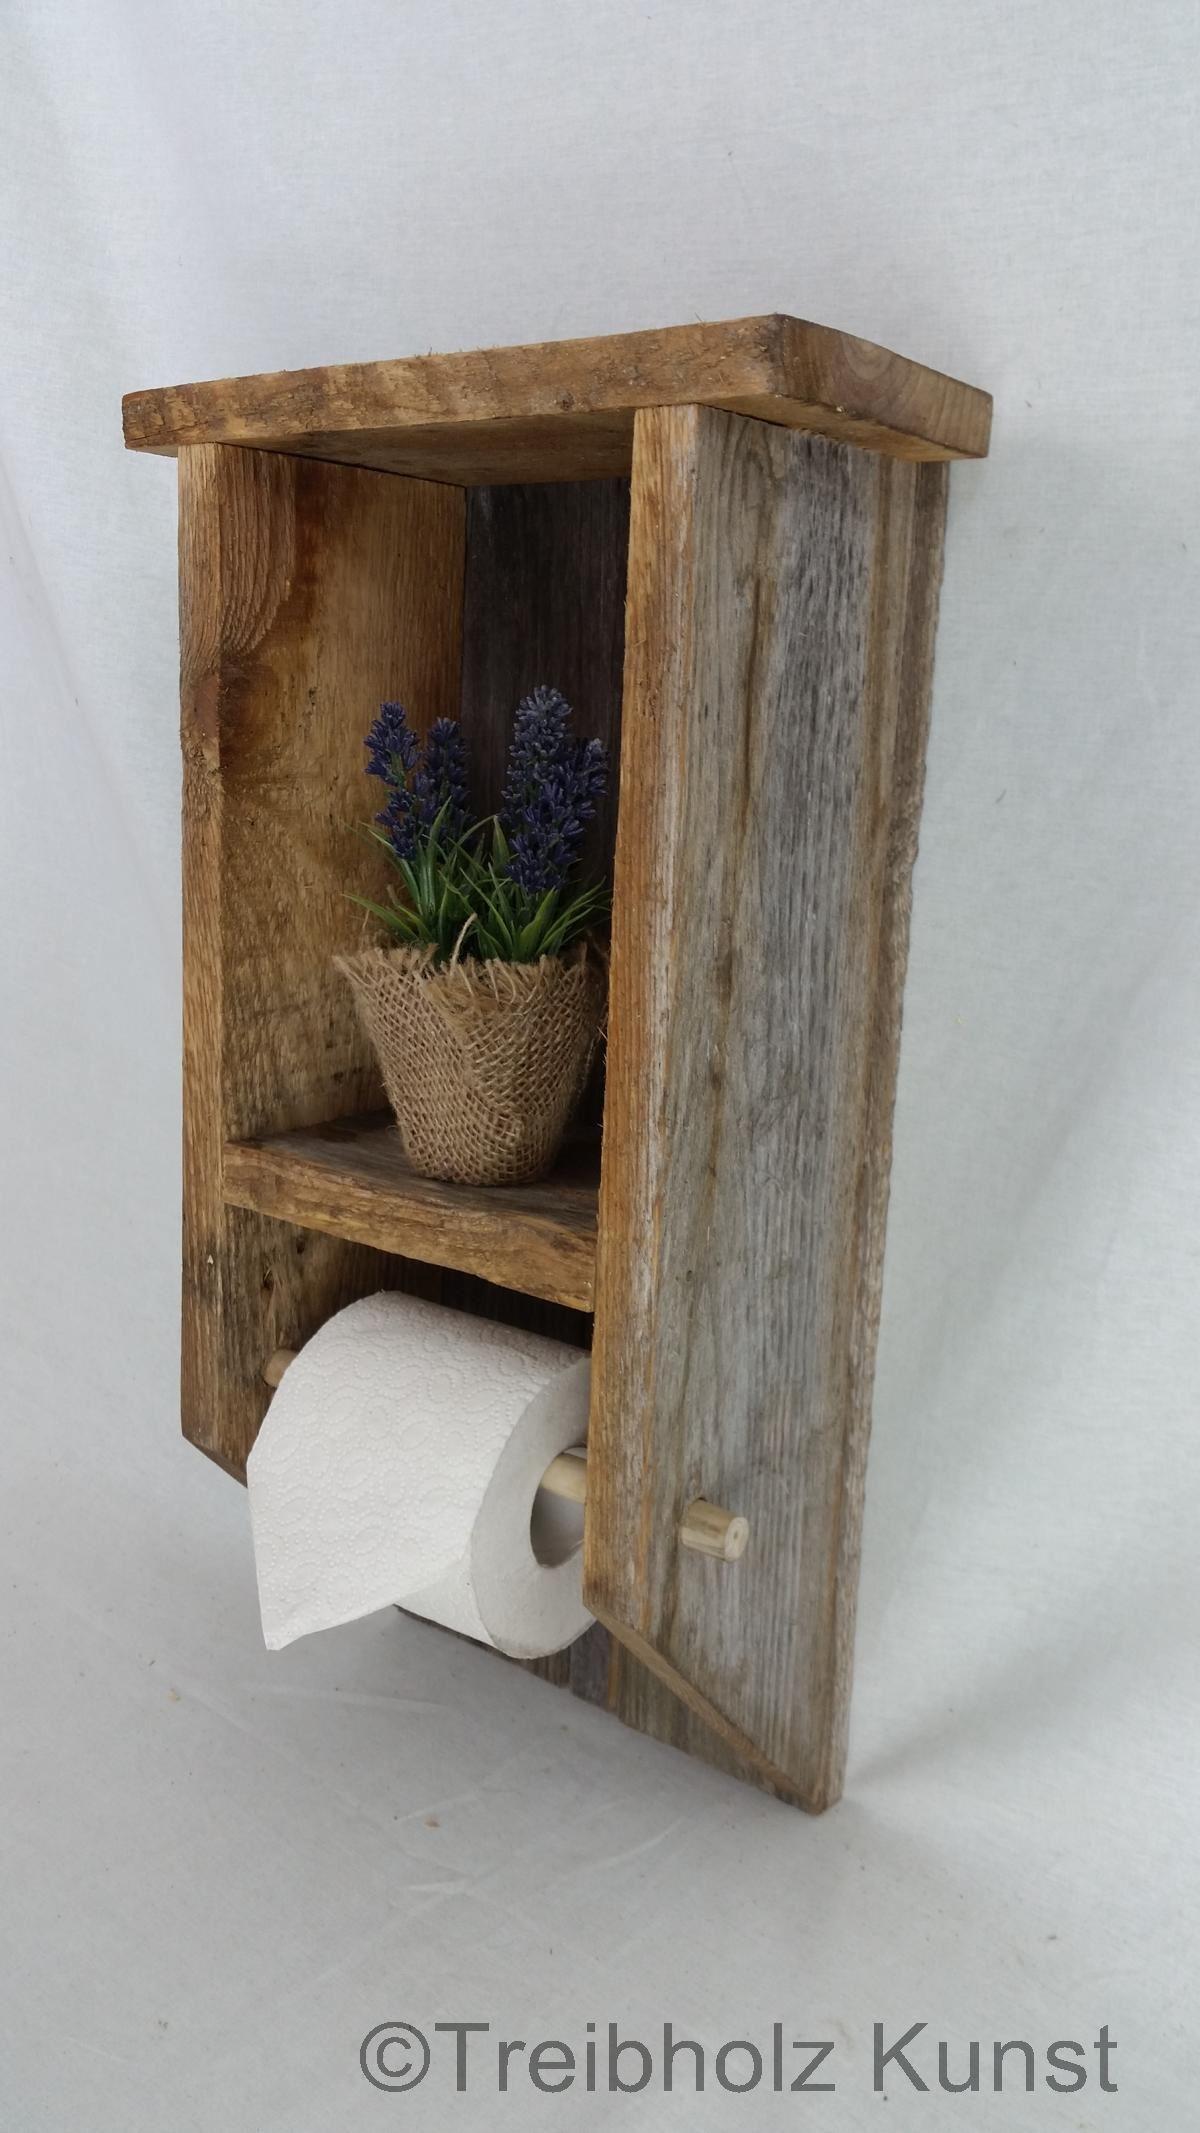 klorollenspender klopapierspender rustikal. Black Bedroom Furniture Sets. Home Design Ideas